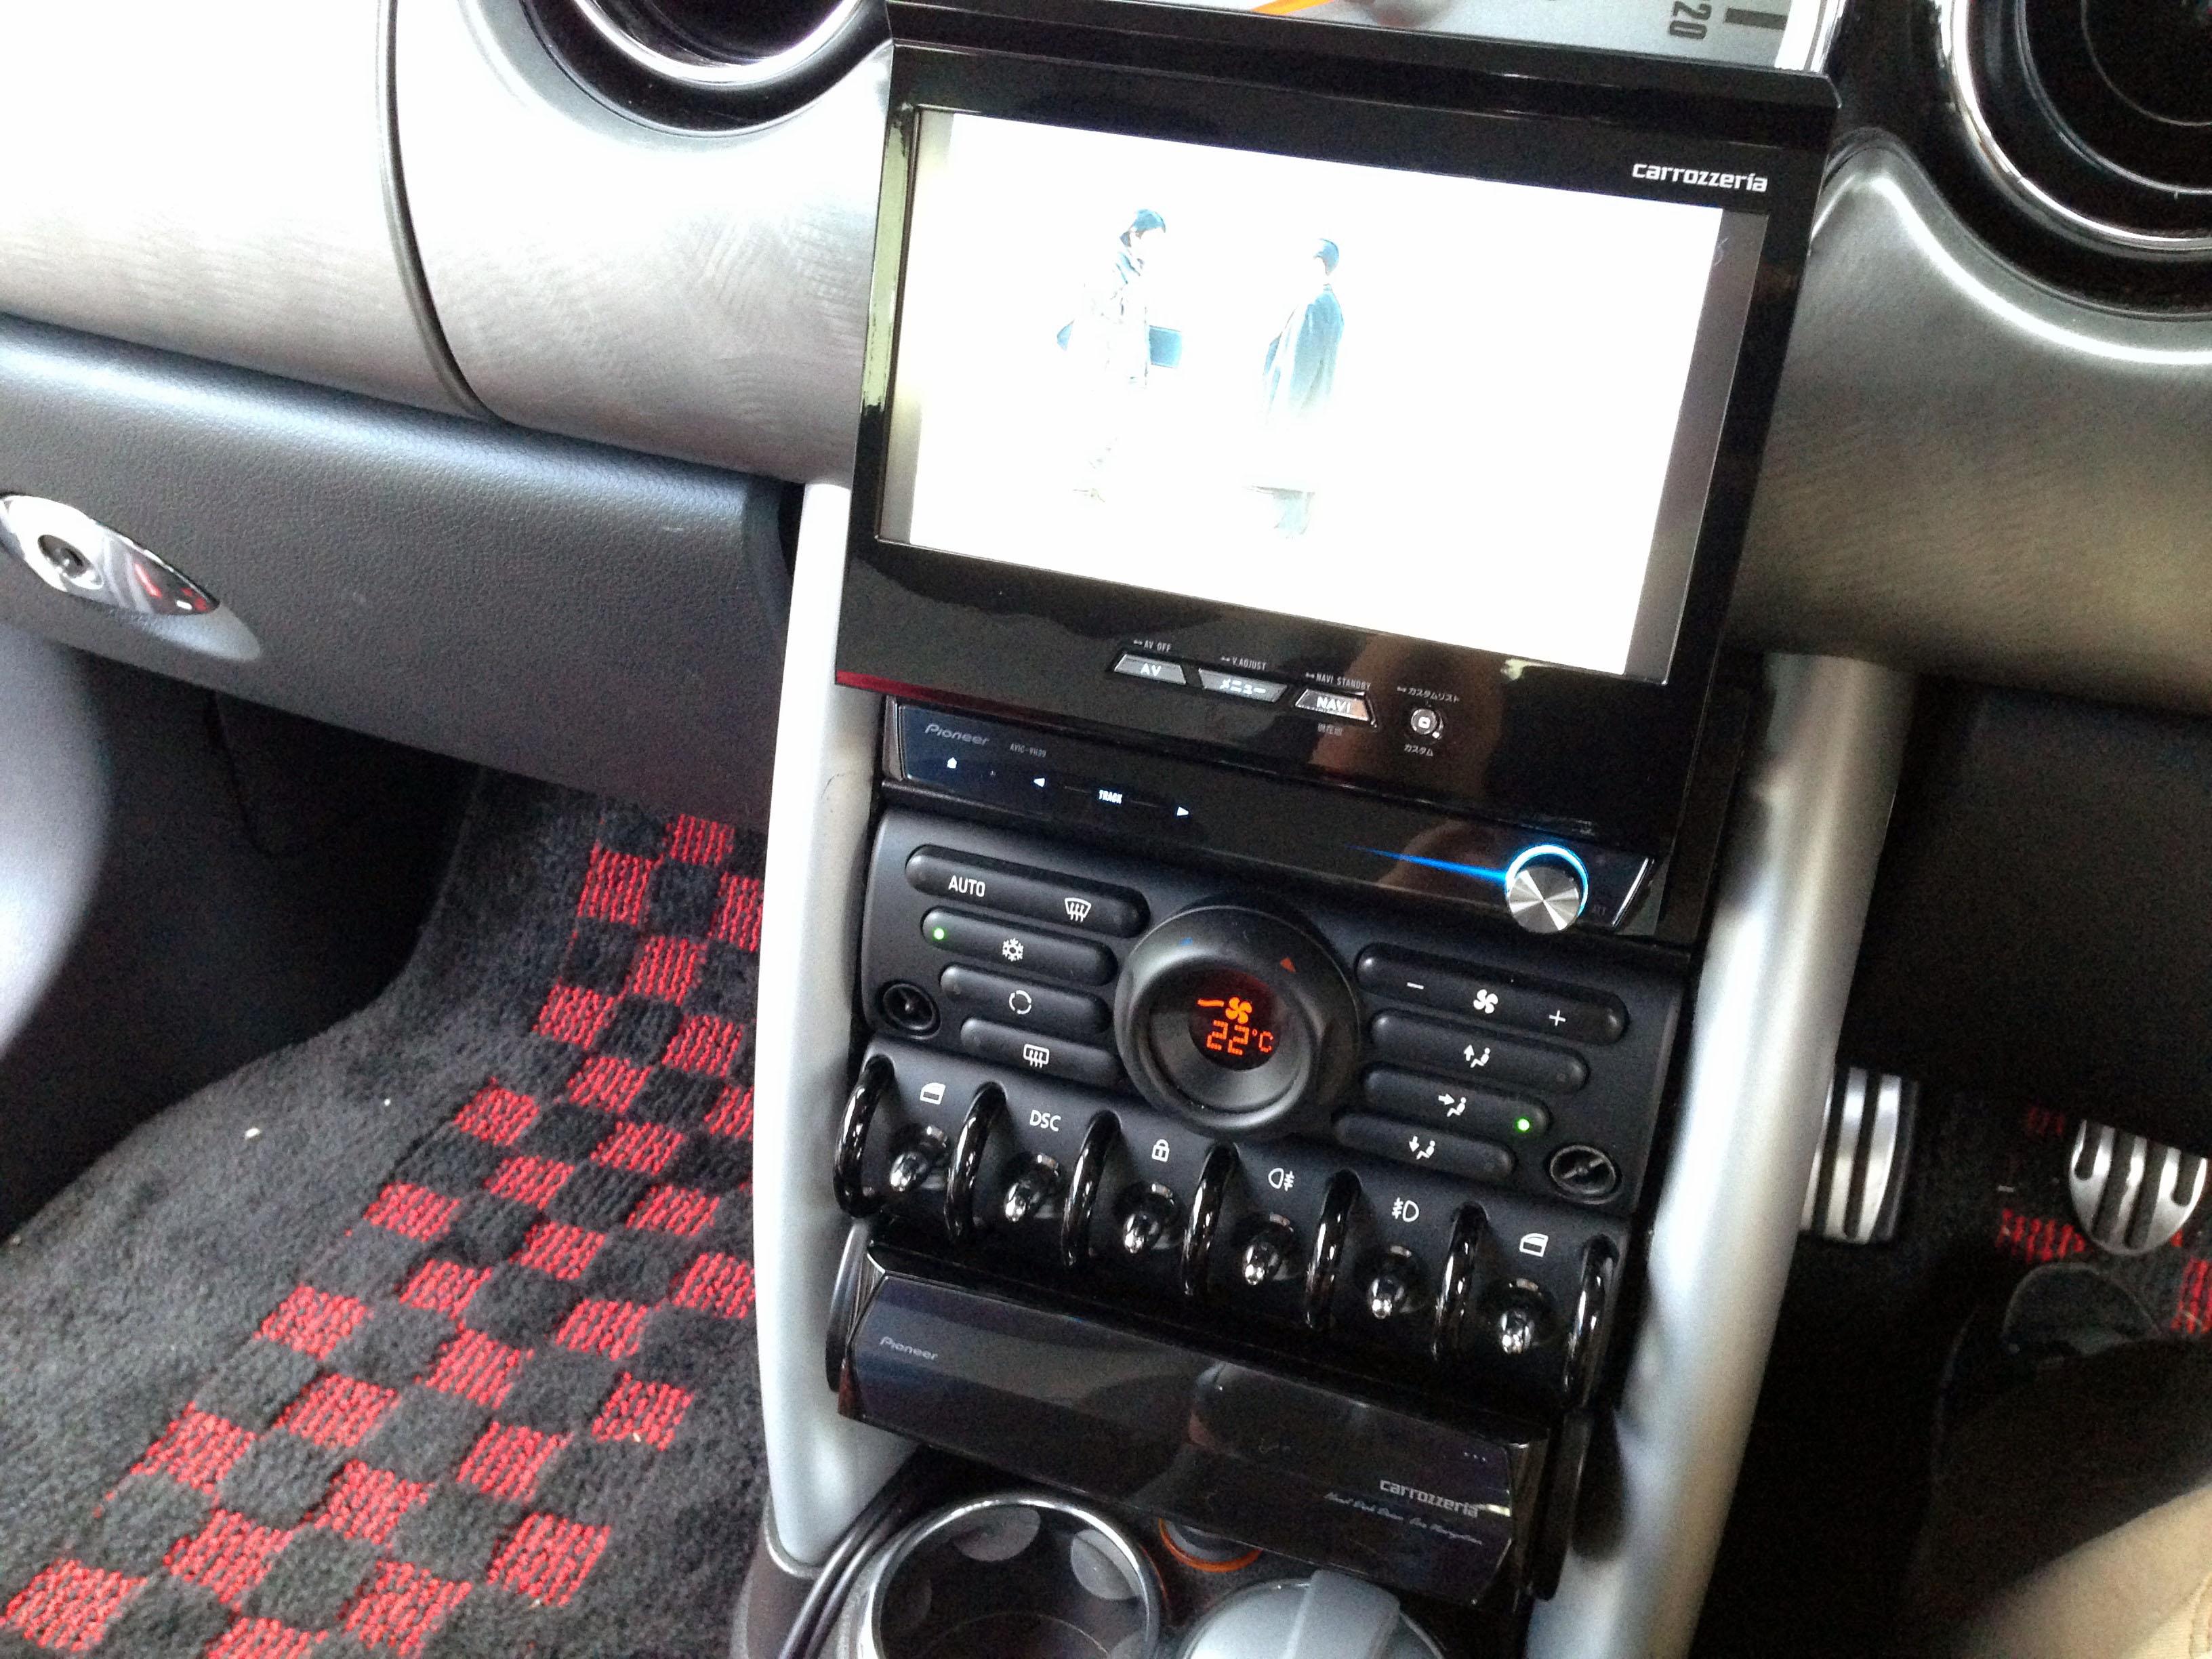 BMW-MINIへカロッツェリアAVIC-VH99CSカーナビの取り付け